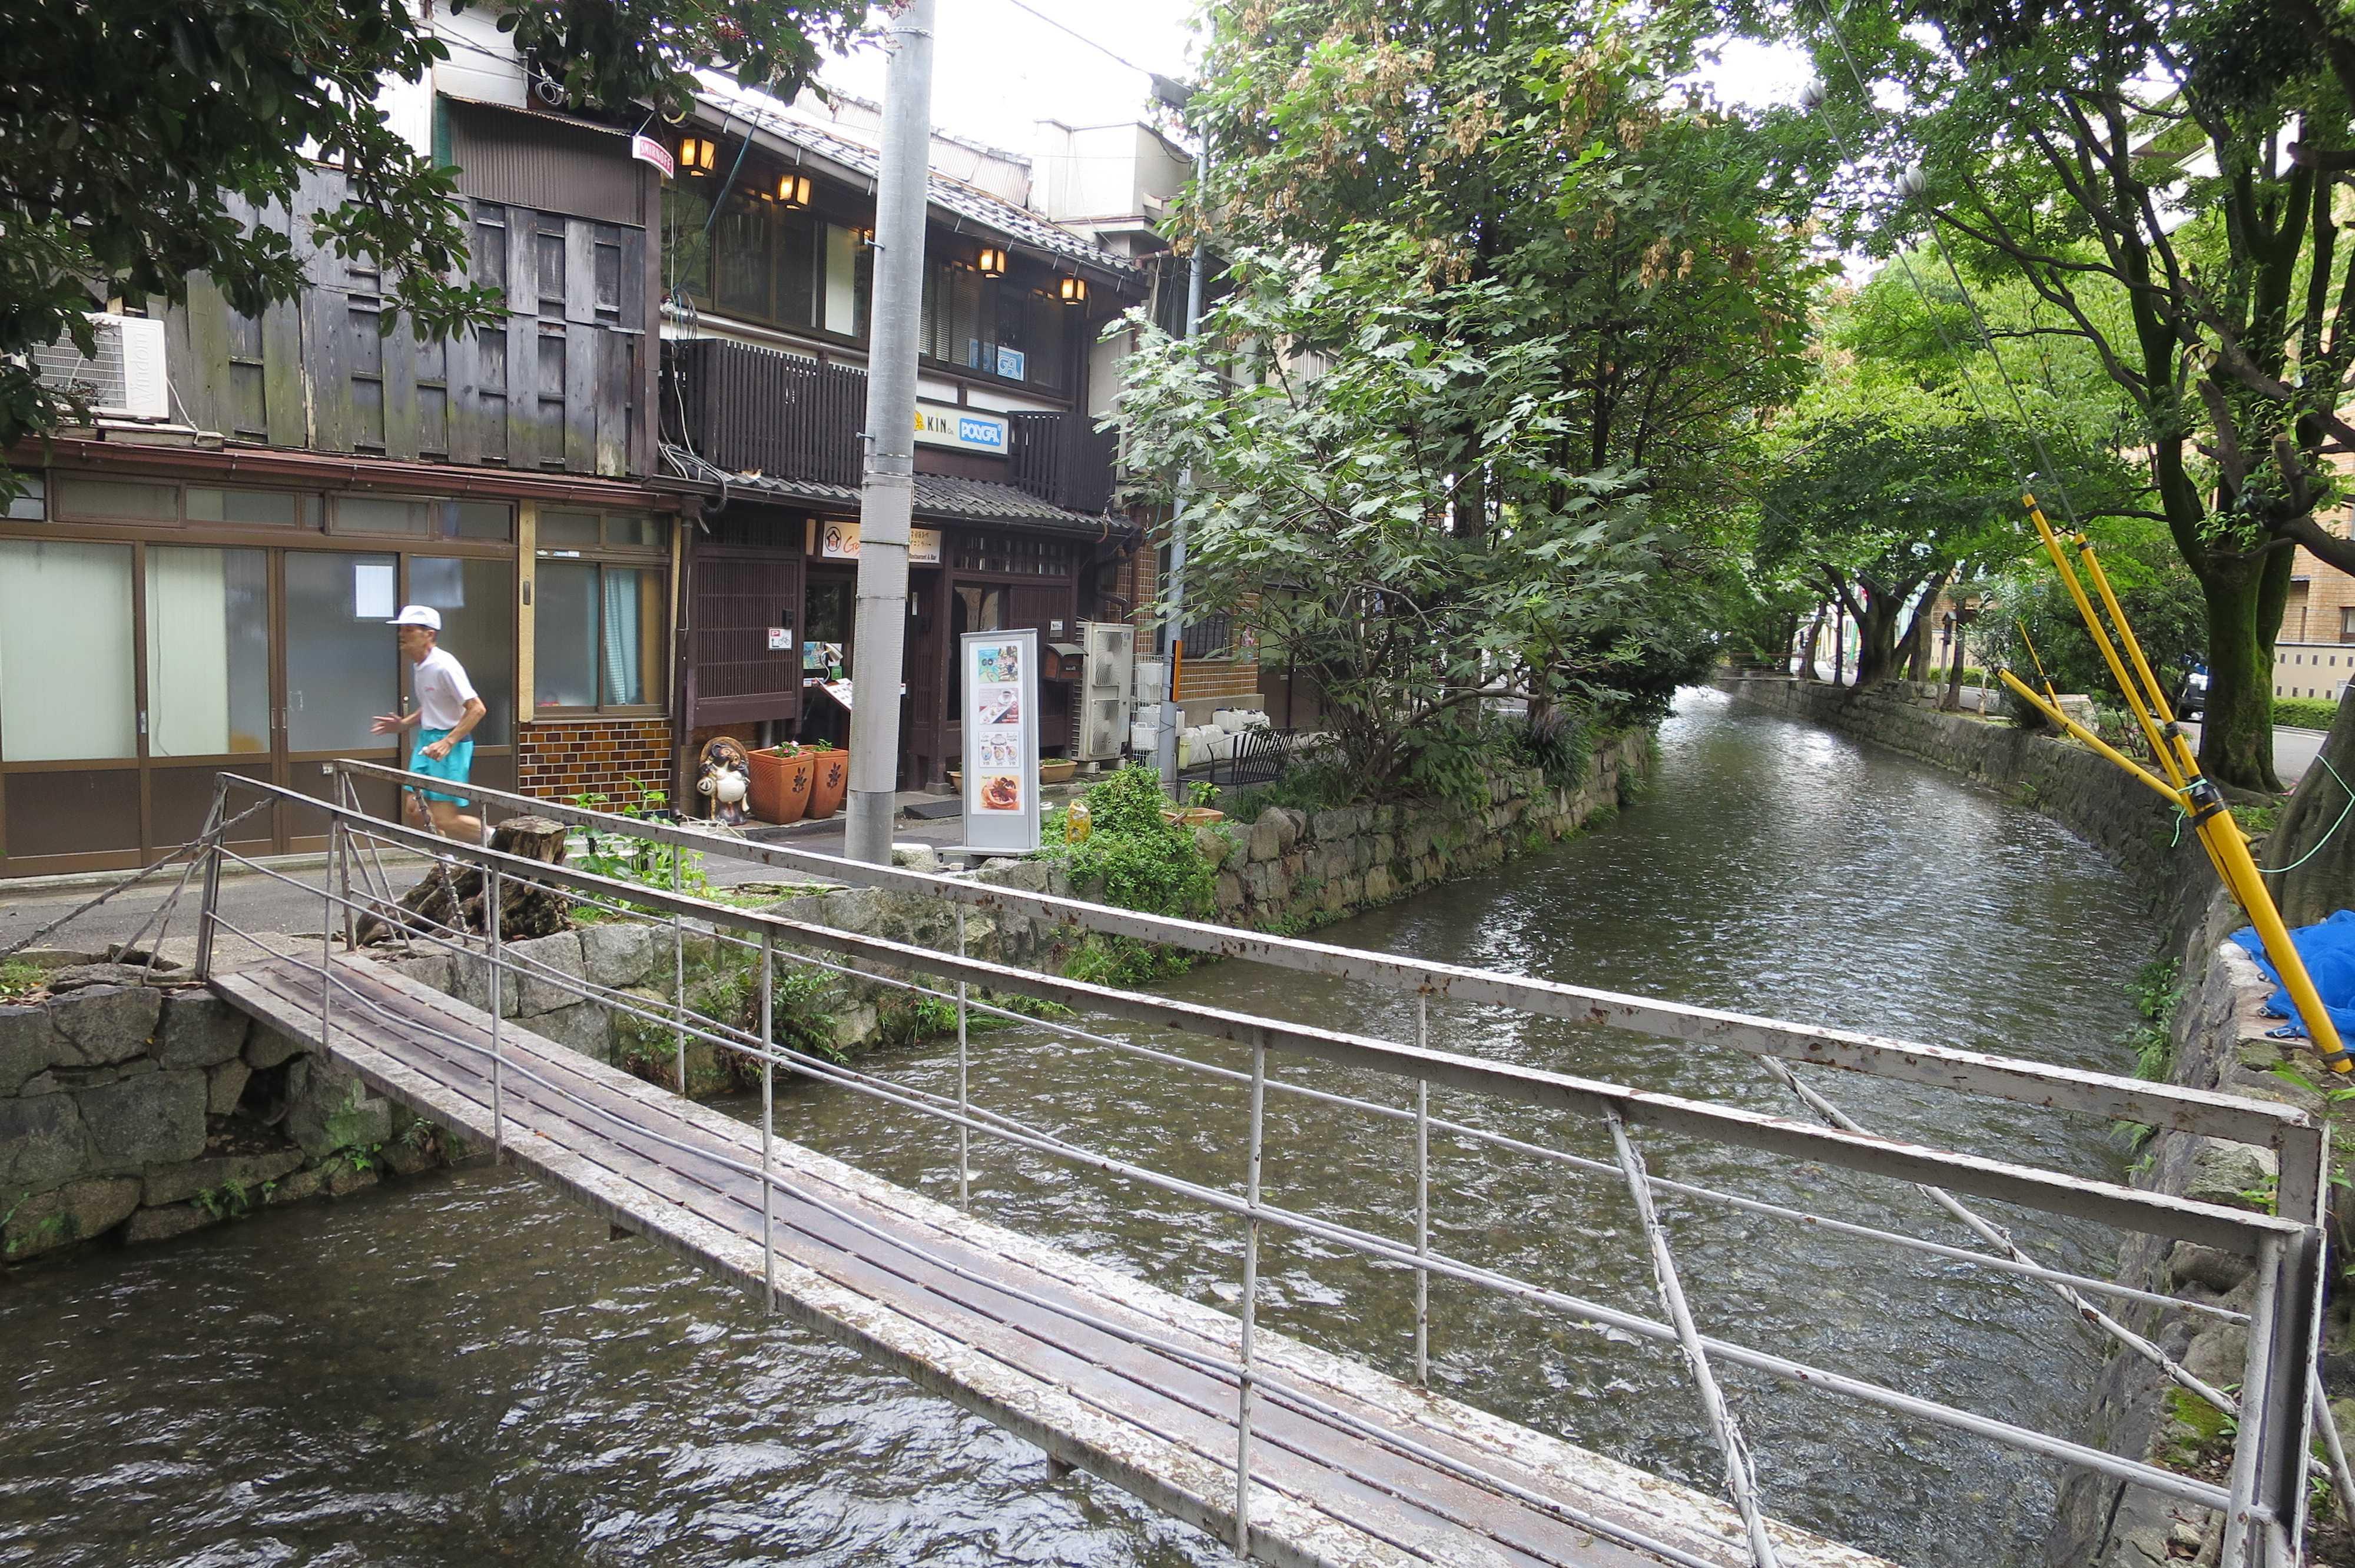 京都・五条楽園 - 優雅で、風情があって、京都らしい景色(高瀬川)